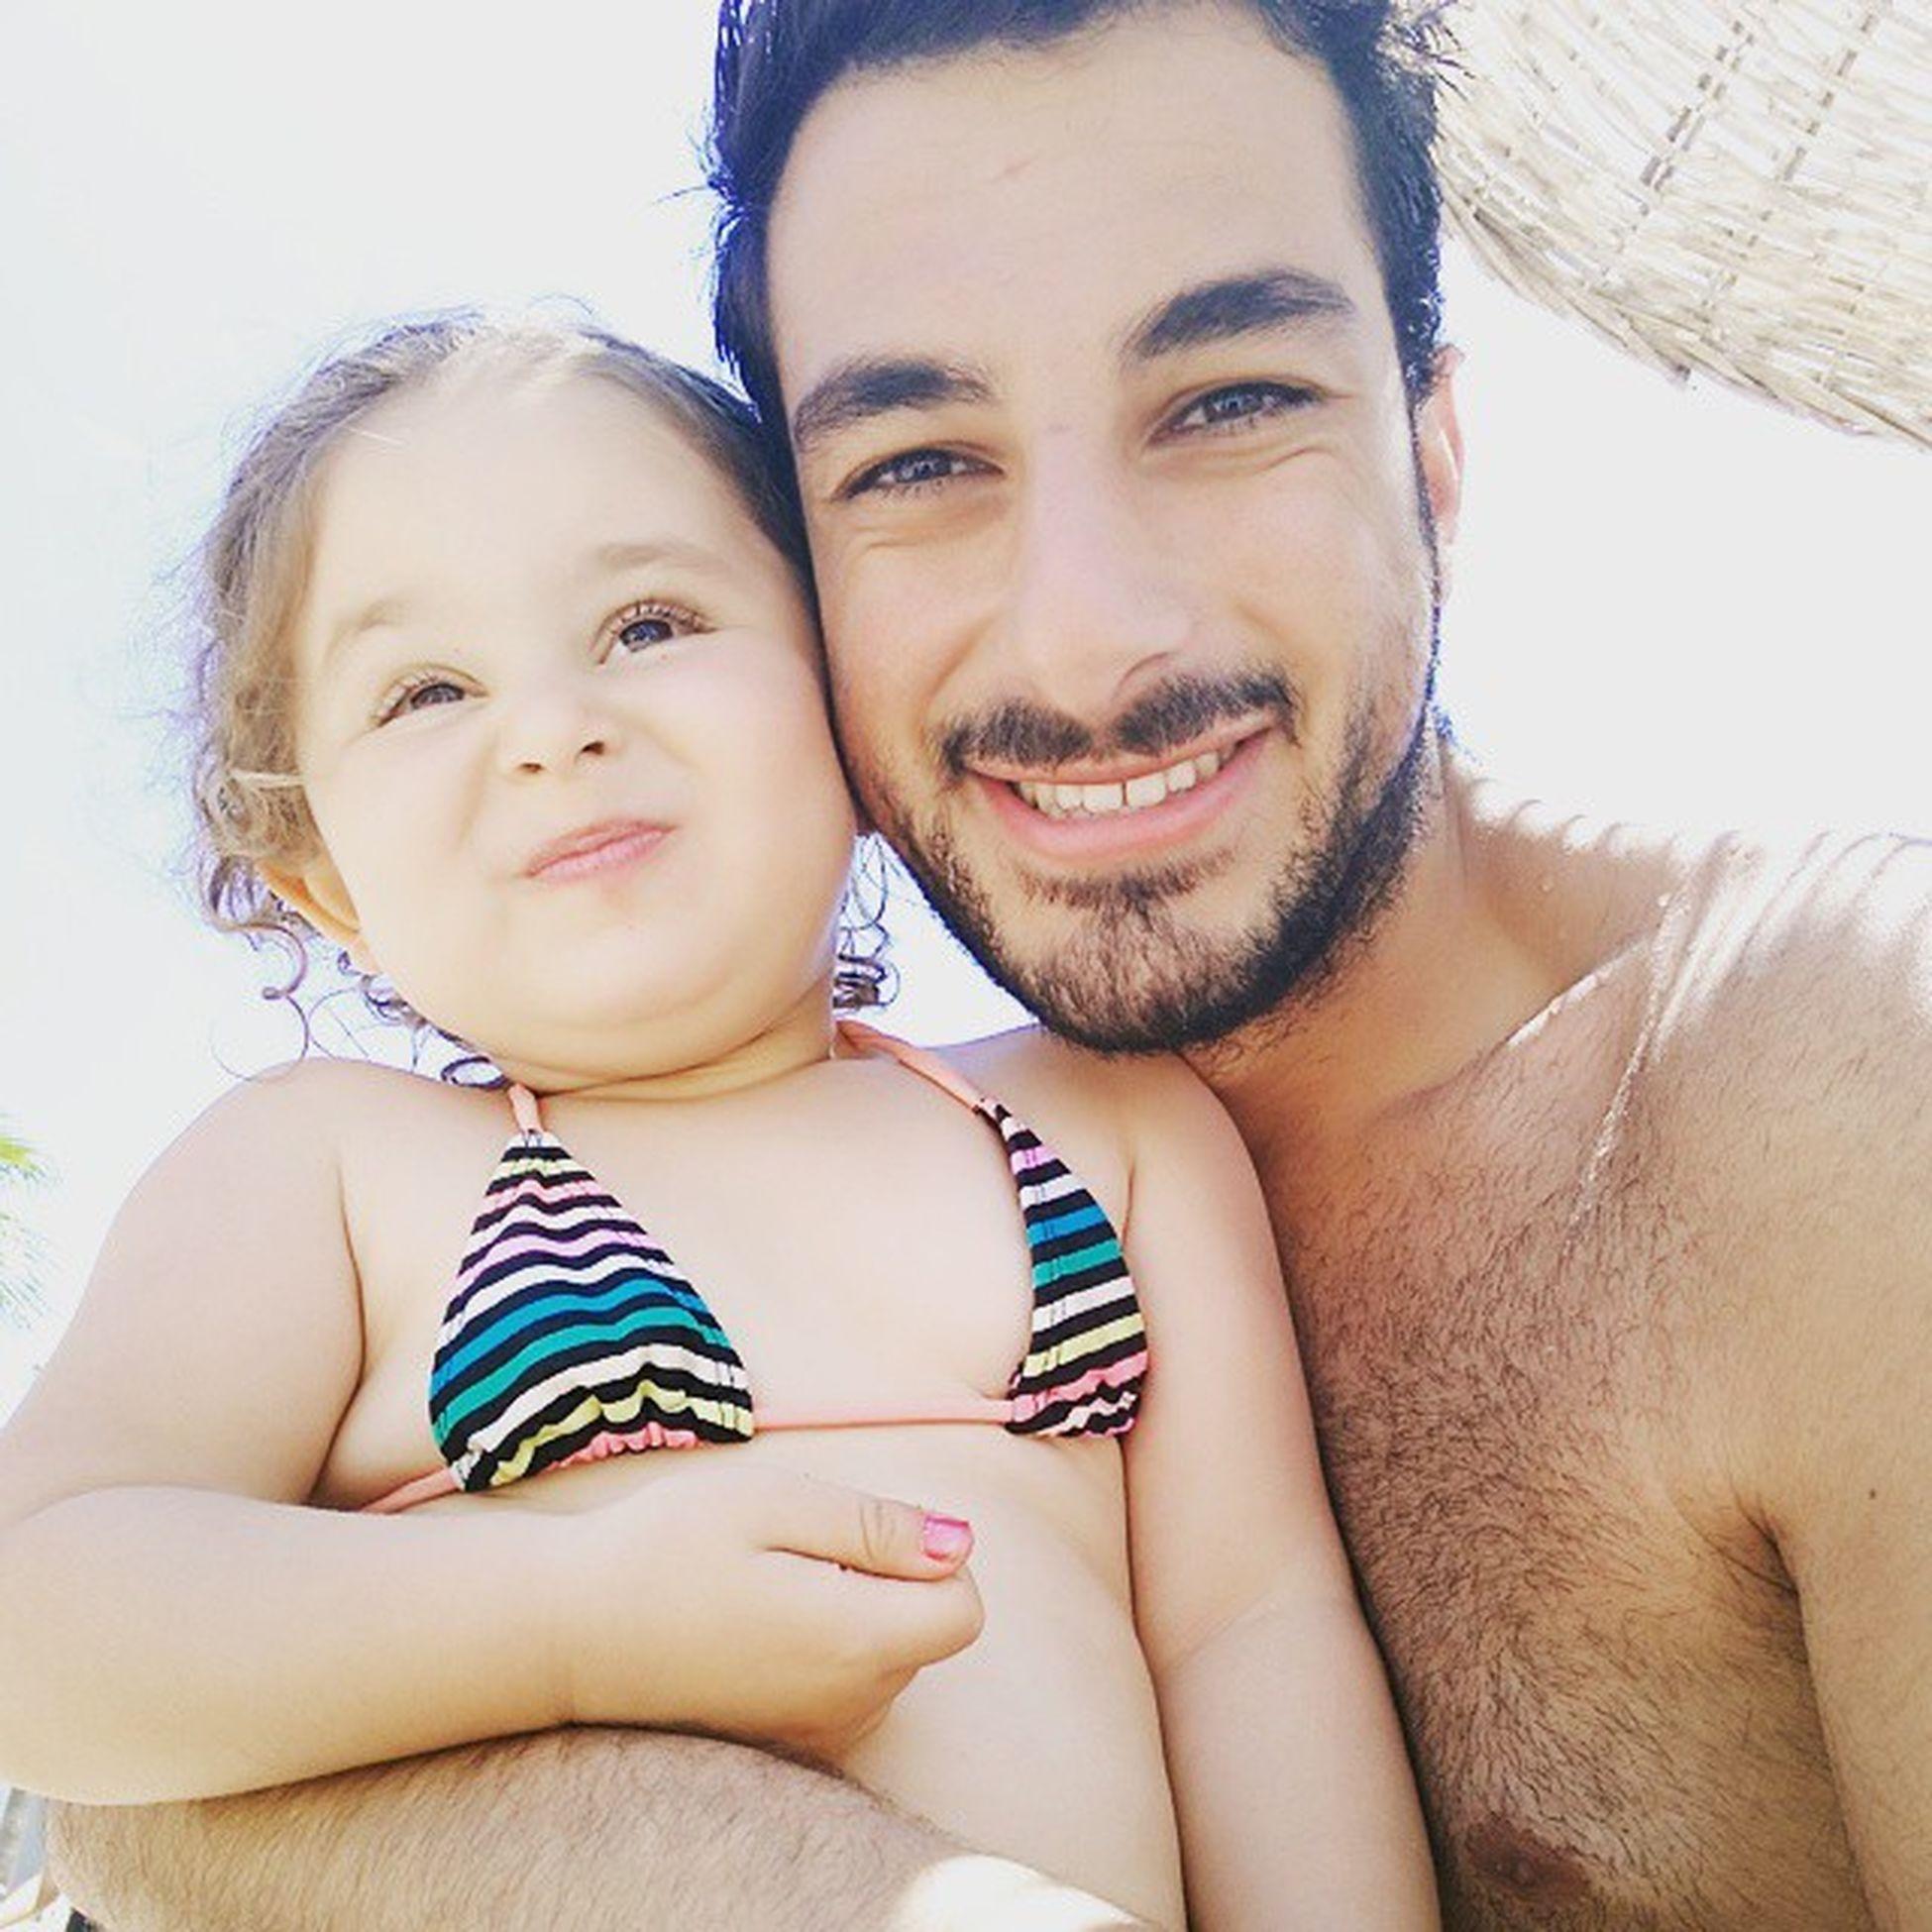 Tatlışımla deniz keyfiiiii 😇😇😇😅😅😄😄😄💞💞💞 Sea Tagsforlikes Instagood Love Marmaris Icmeler Baby